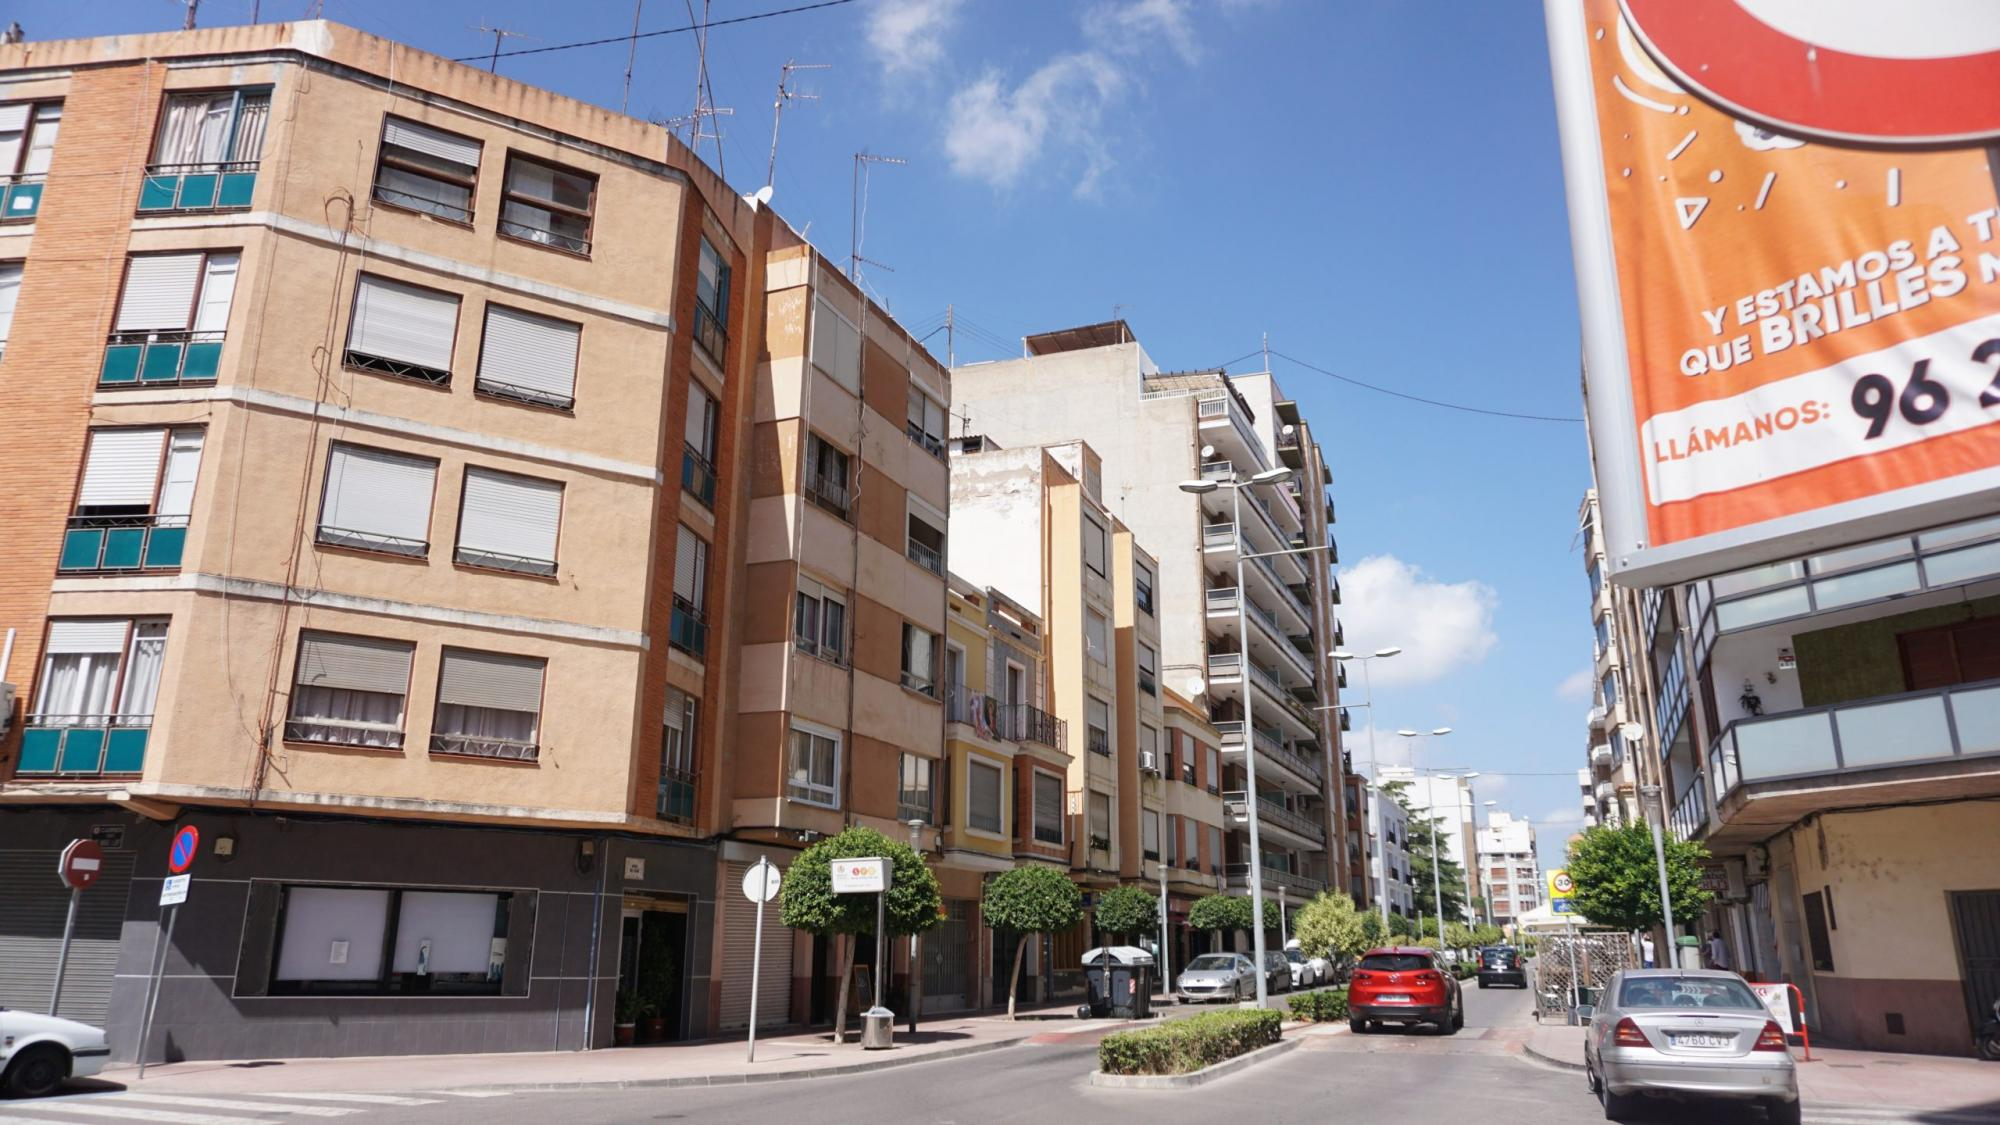 Venta de piso en Villarreal (Castellón) Av. Cedre